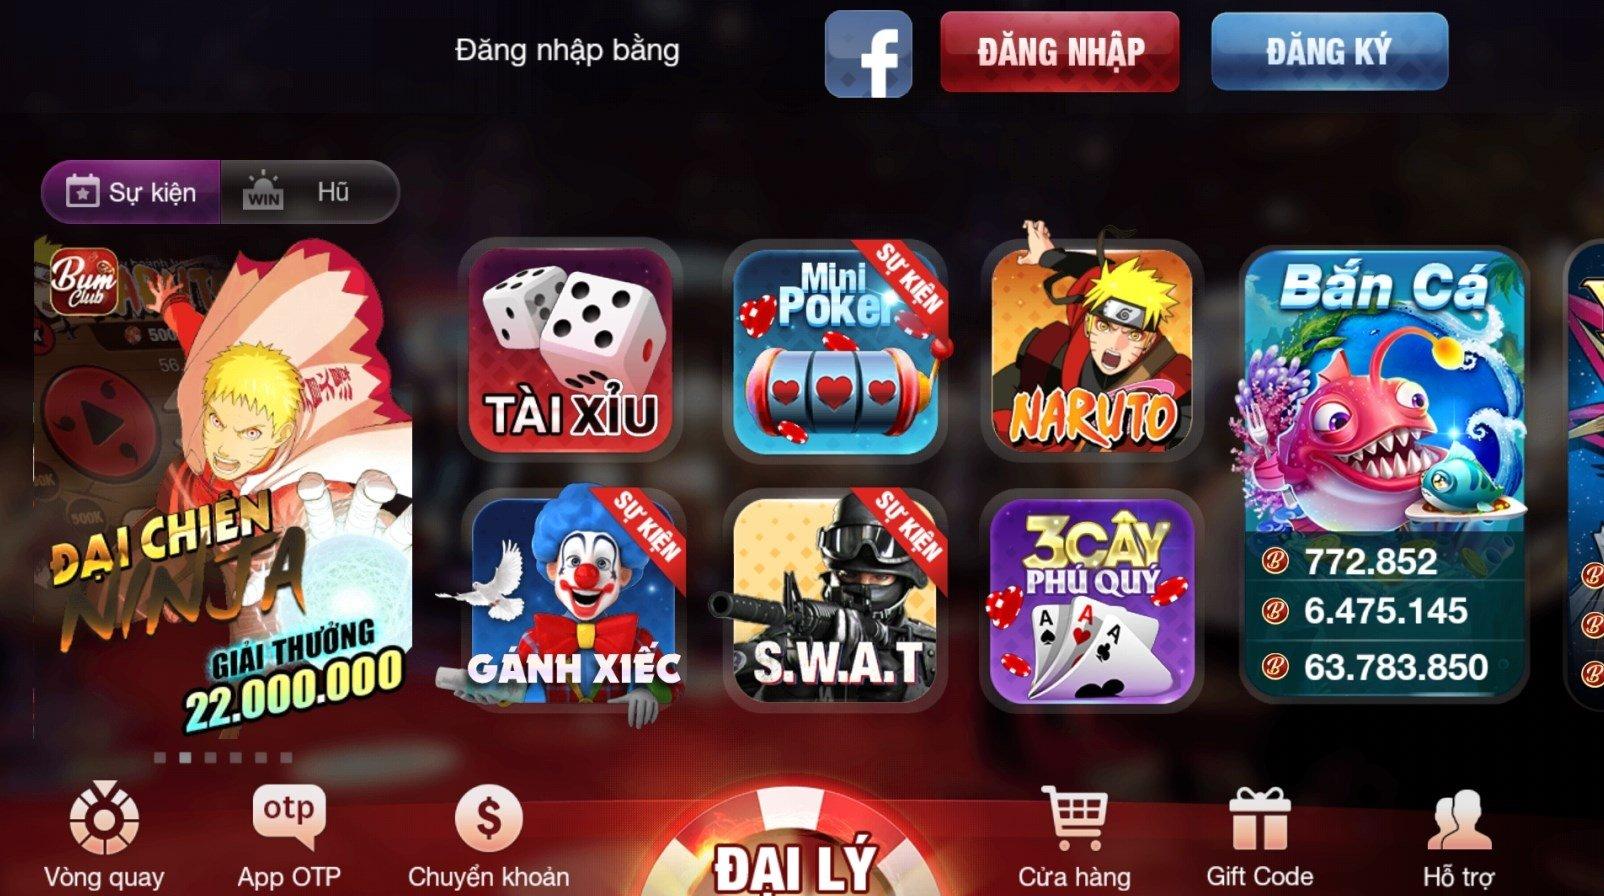 Казино клуб на андроид моды для казино адванс рп